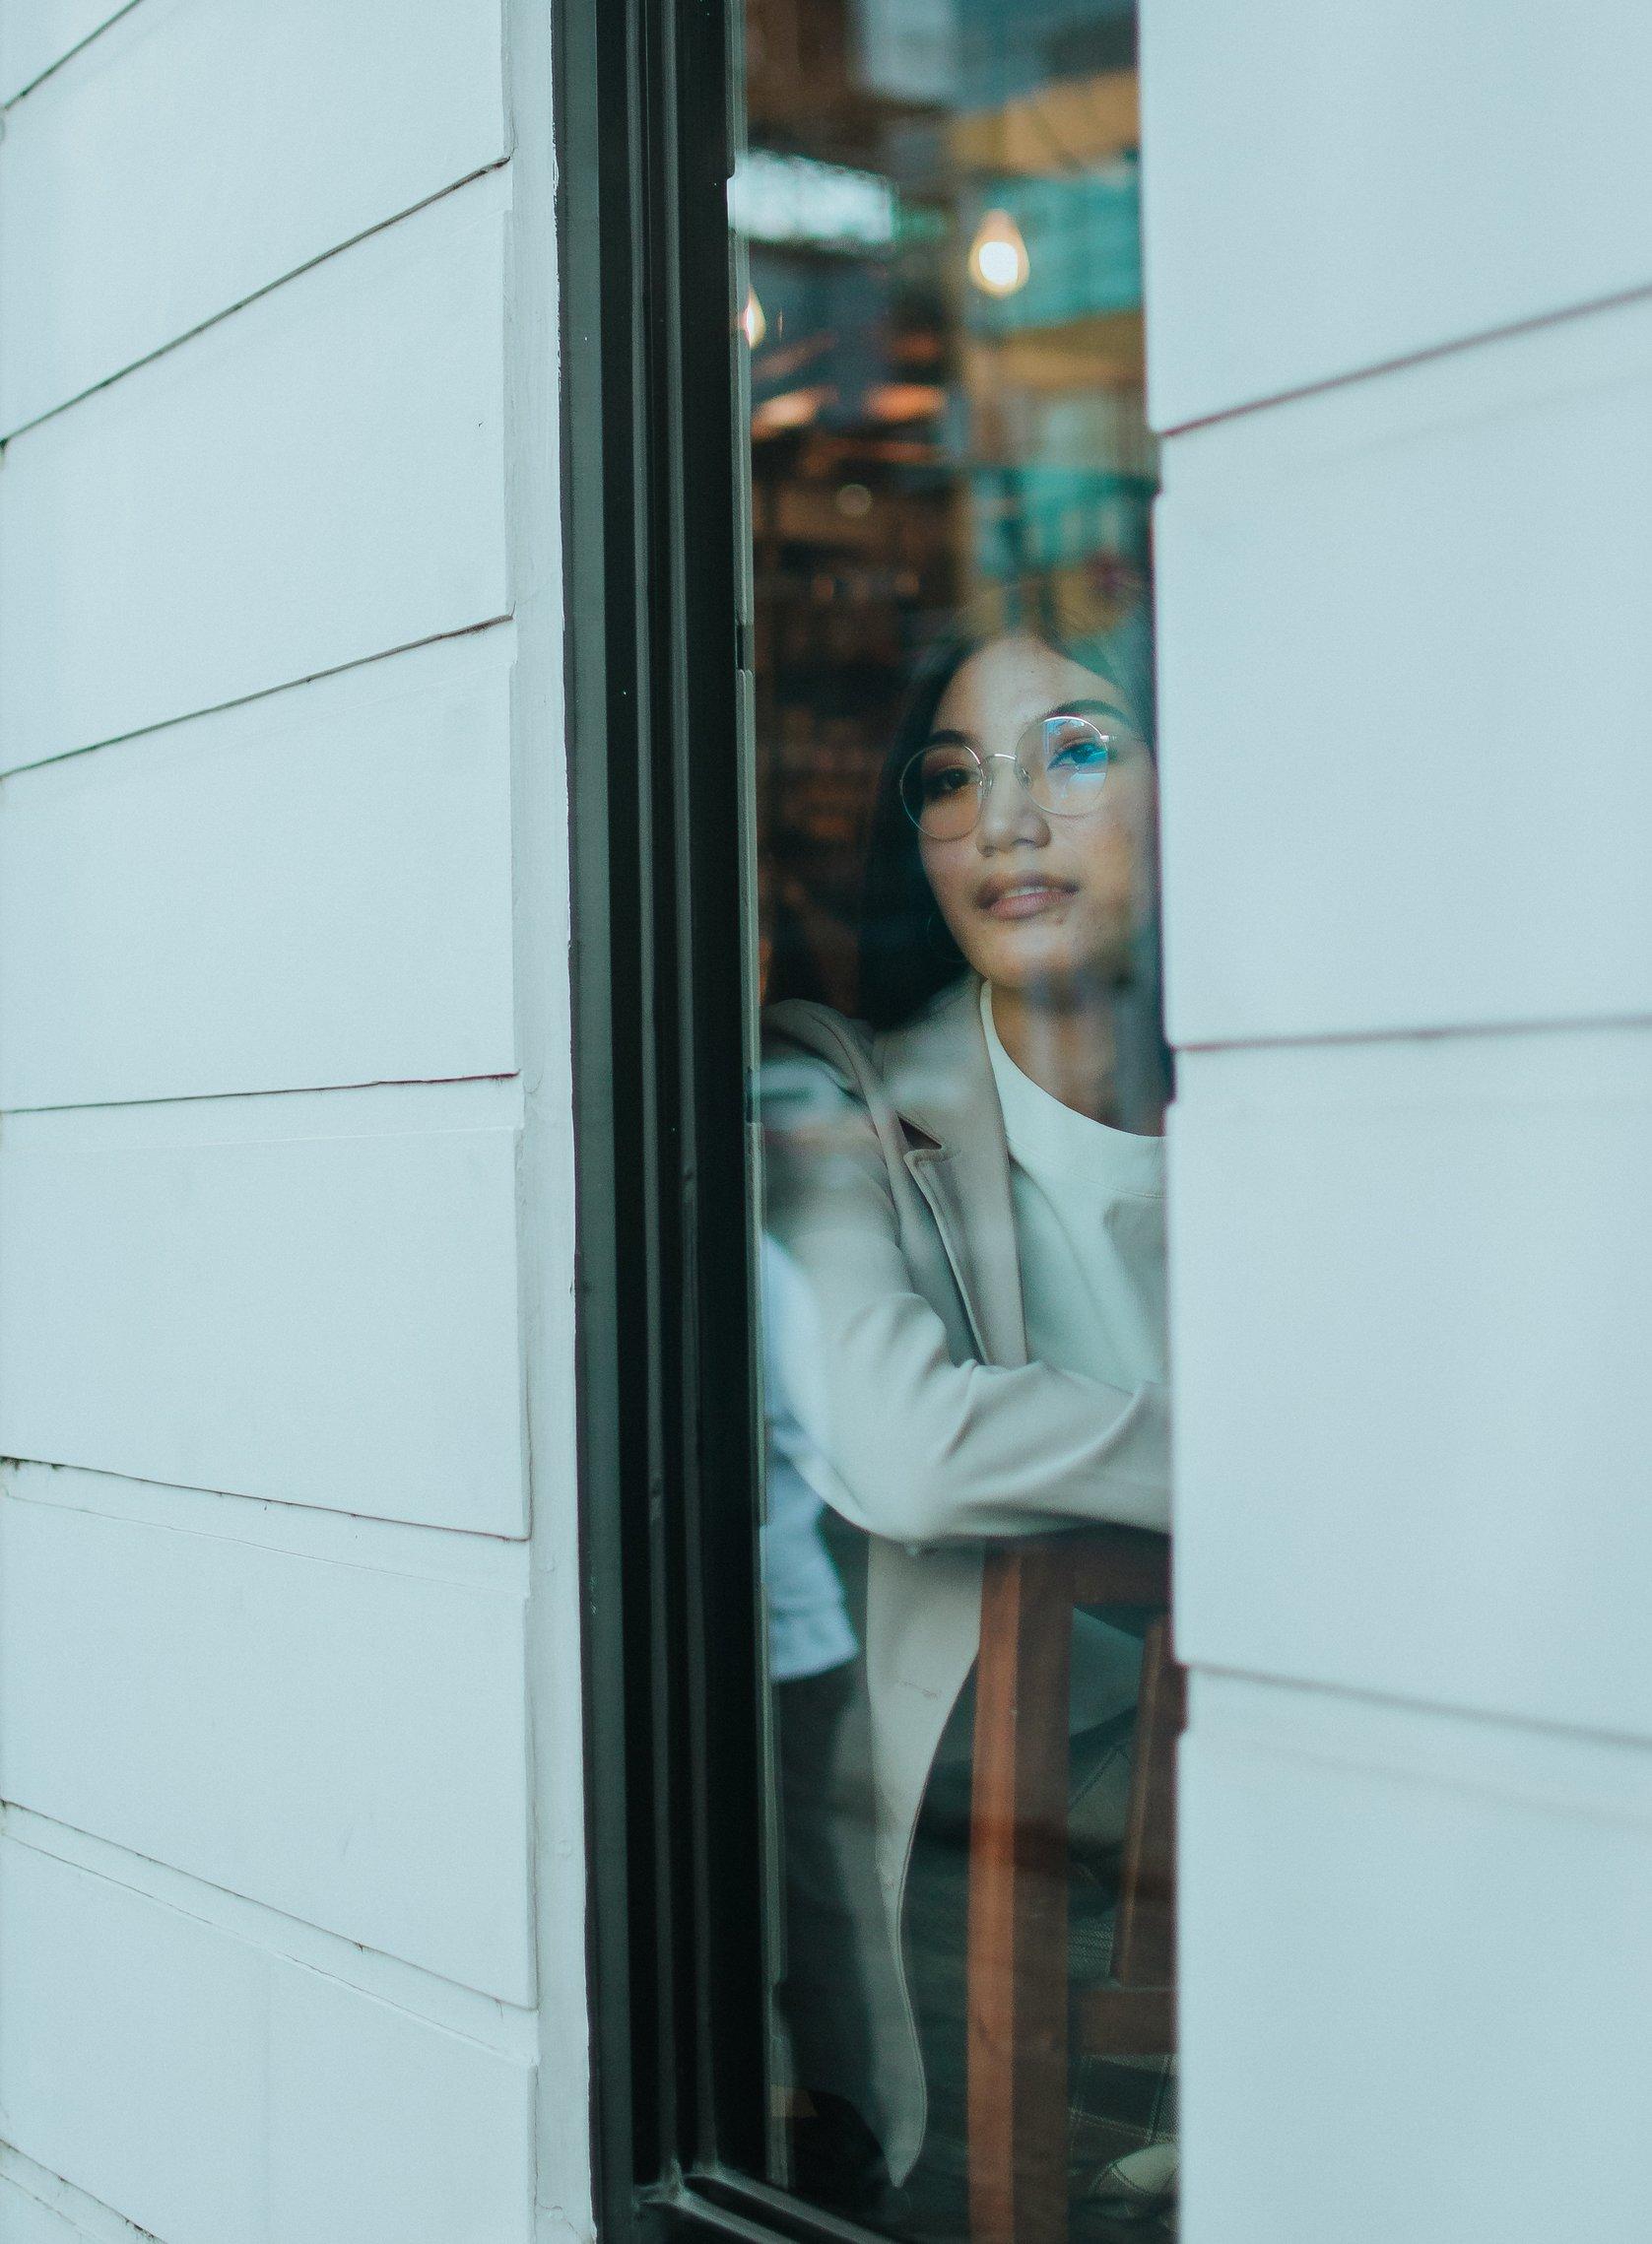 cô gái nhìn qua cửa sổ khép kín